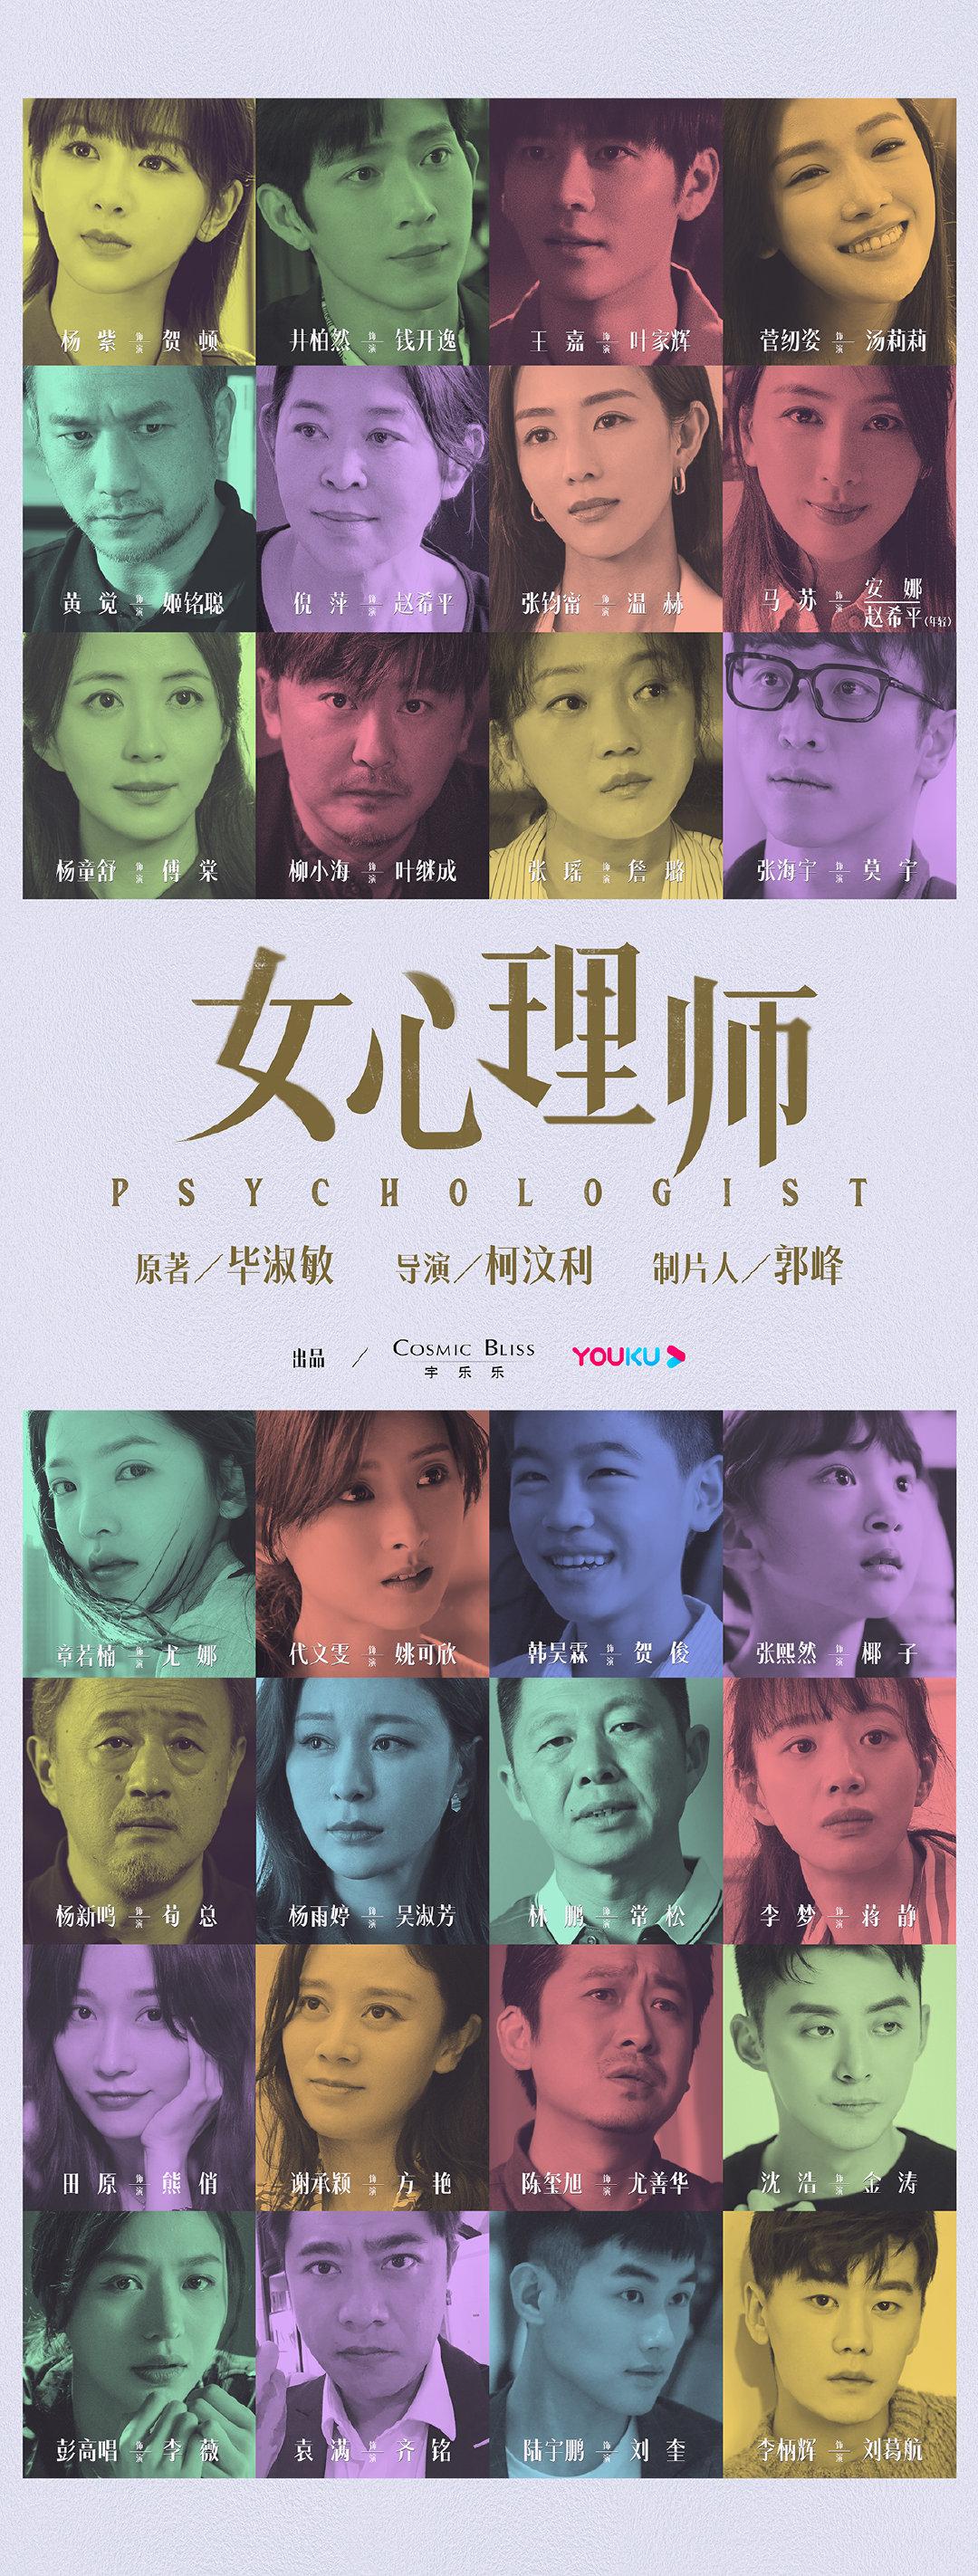 《女心理師》主演呼吁關注心理健康 (4).jpg